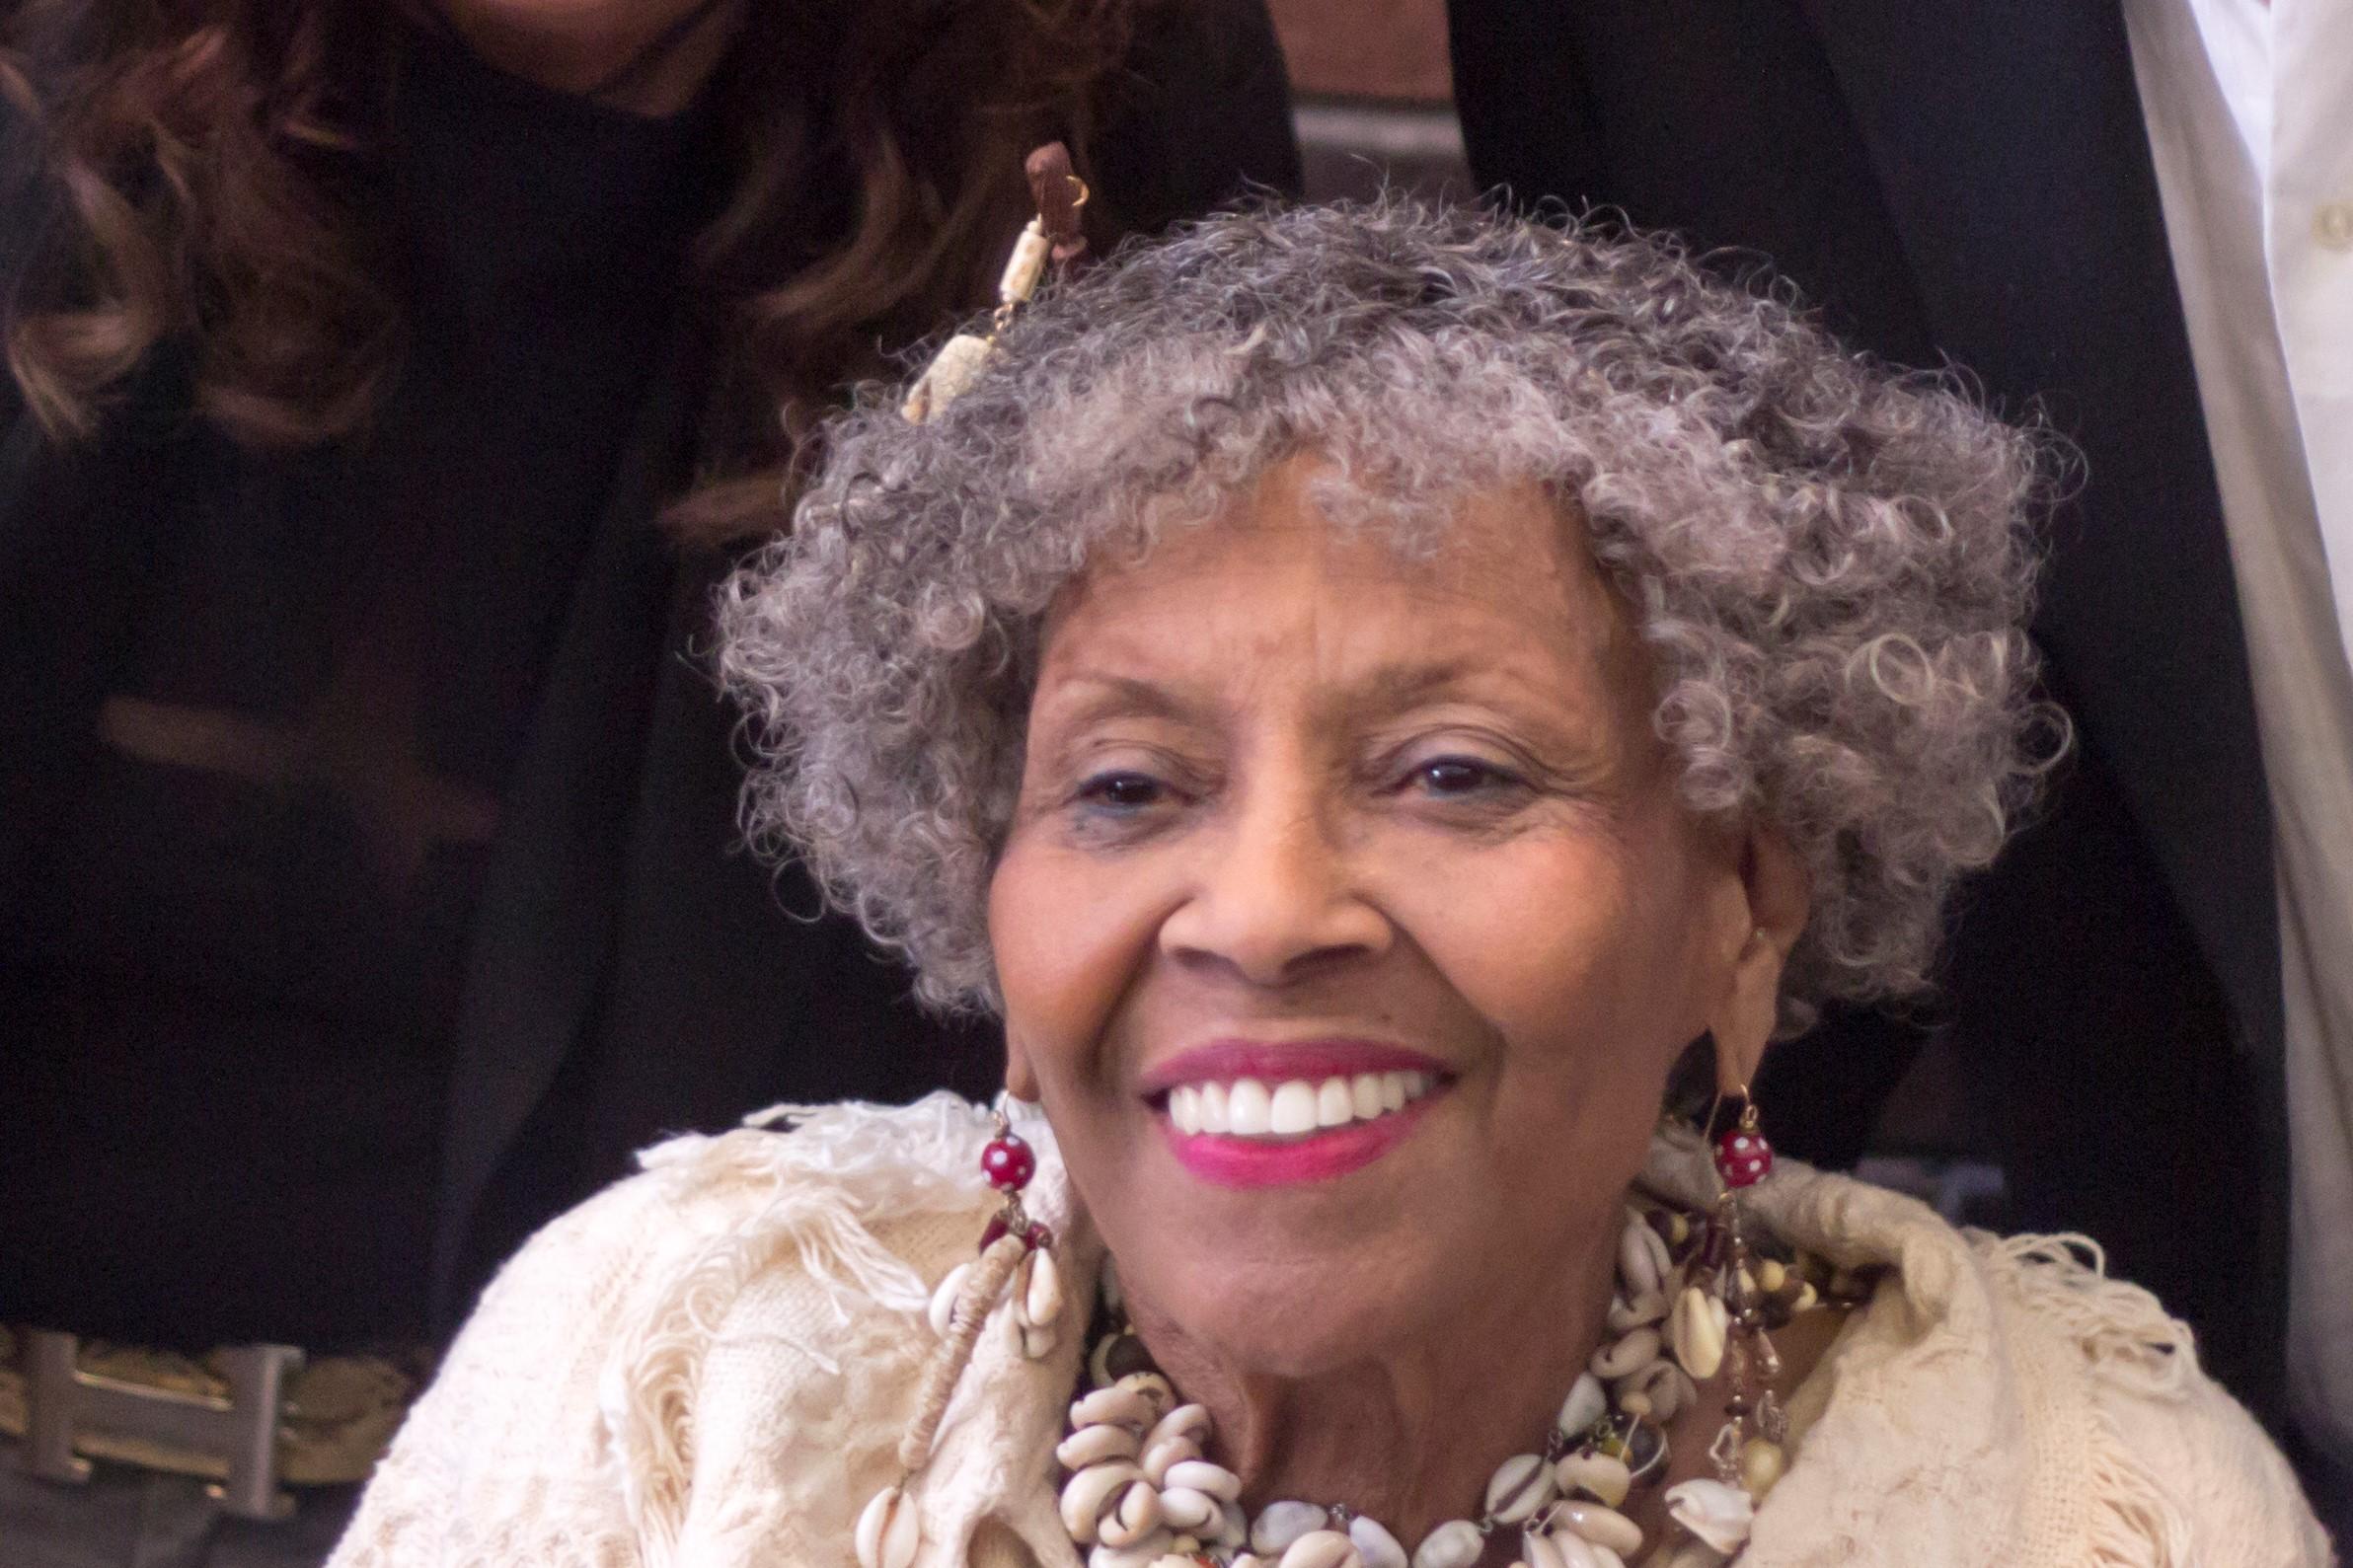 Dr. Adelaide Sanford